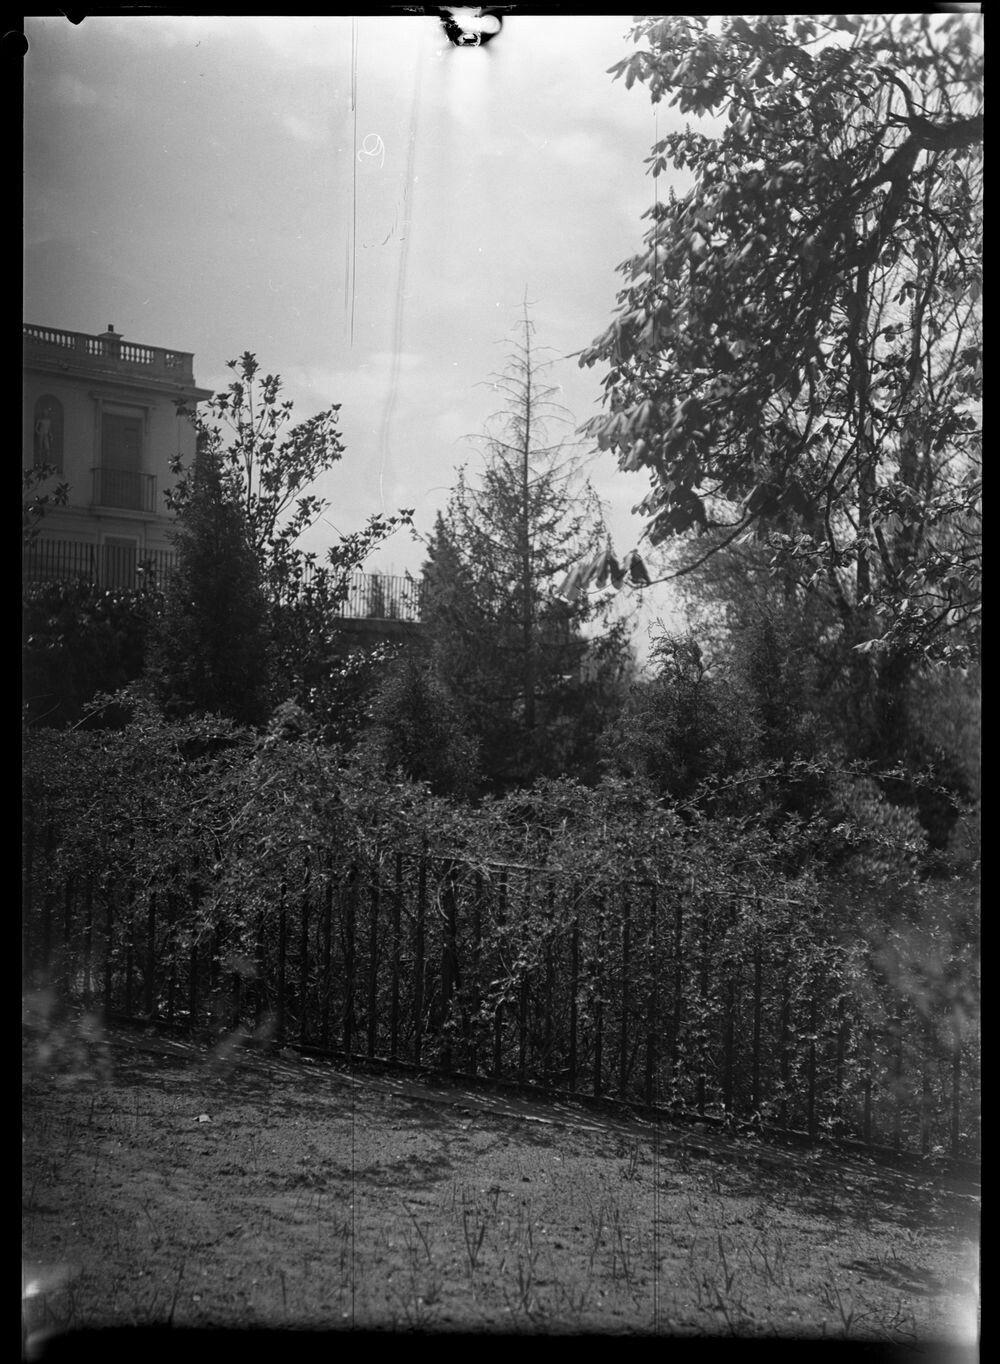 Jardines del palacete de la Moncloa. Madrid, ca. 1930. Autor: Tomás Prast.